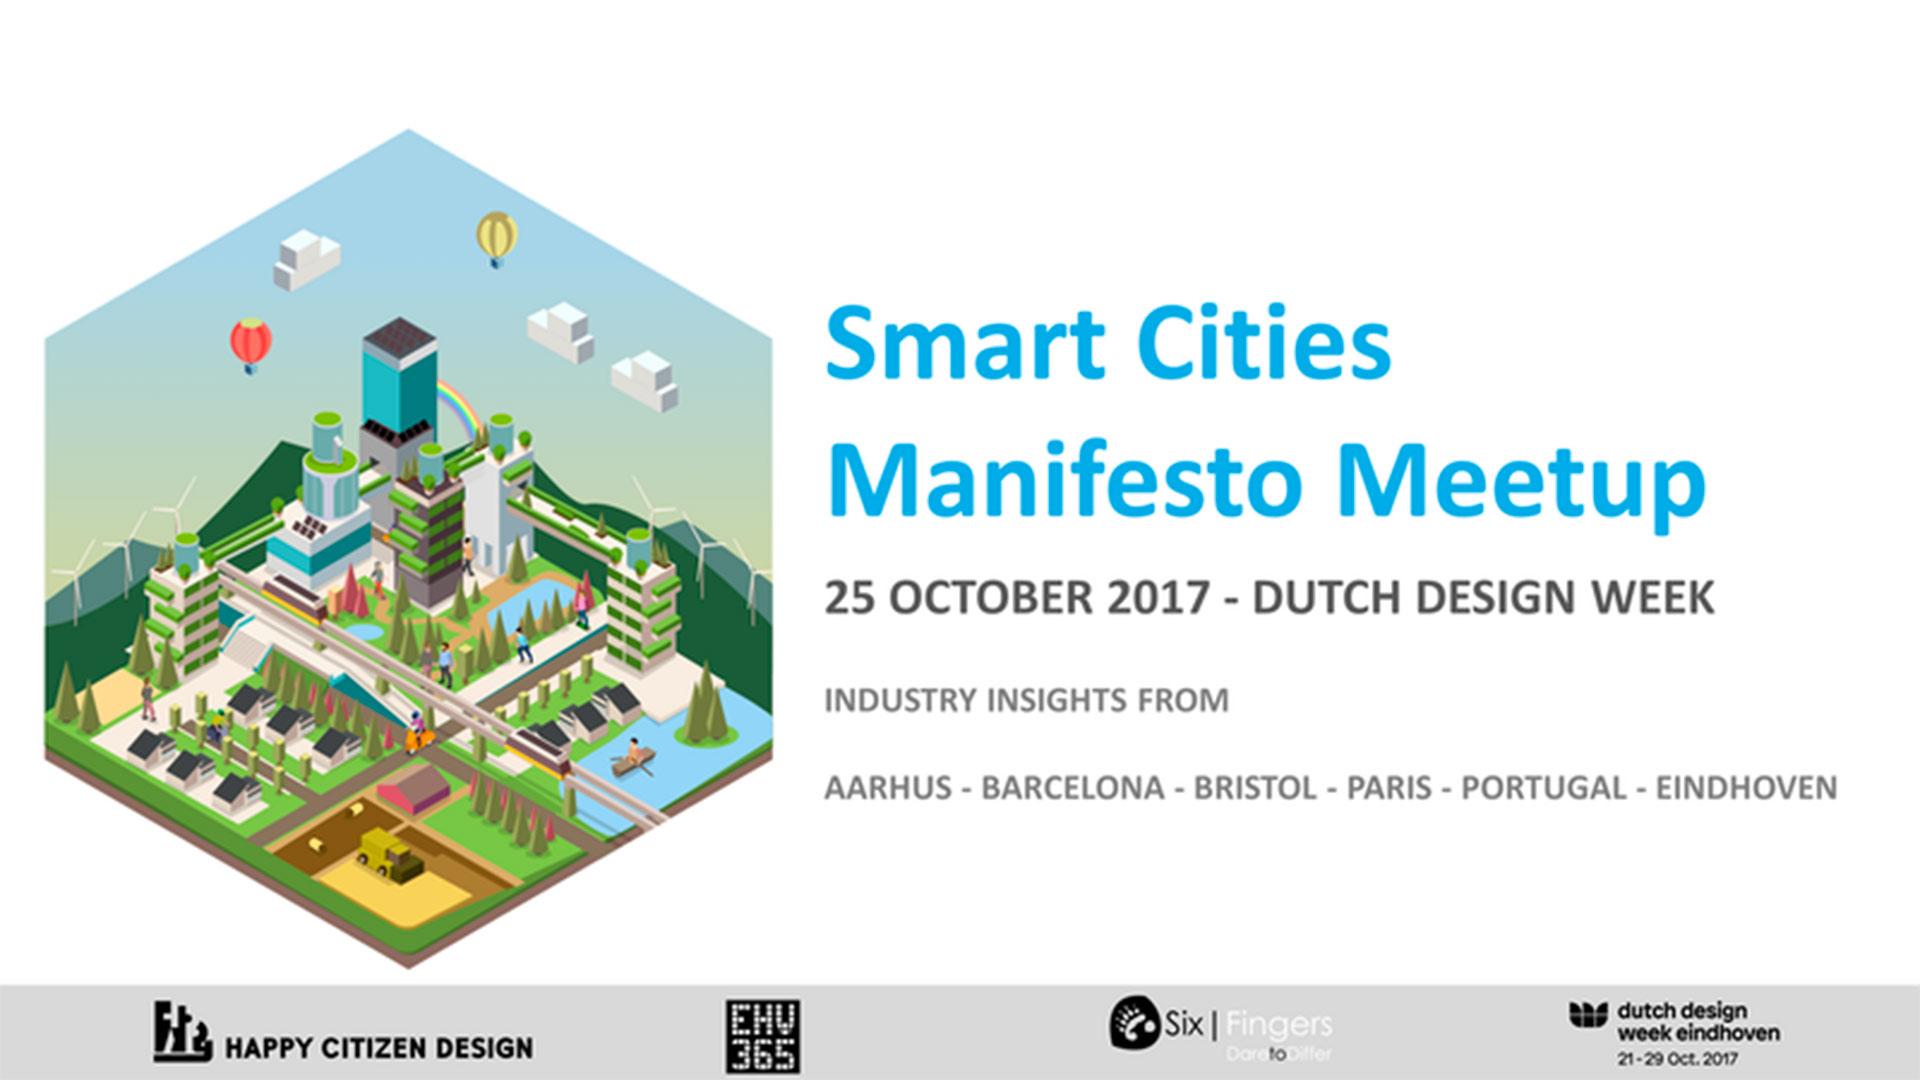 Smart Cities Manifesto Meetup